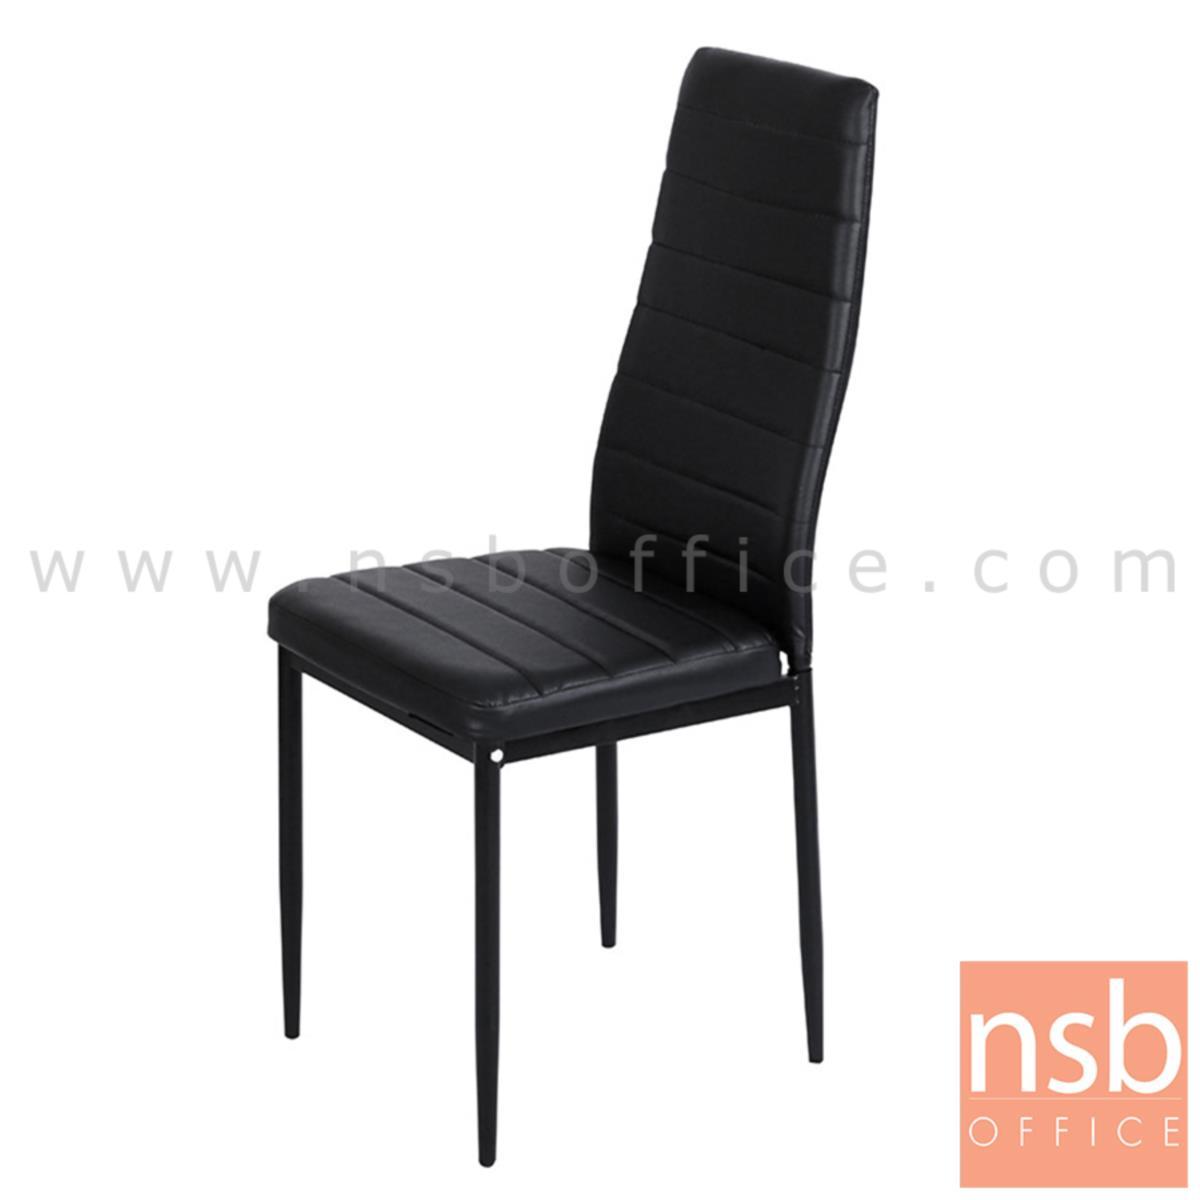 เก้าอี้อเนกประสงค์ รุ่น Rollins (โรลลินส์) ขนาด 96H cm. ขาเหล็กพ่นดำ (สต็อก 26 ตัว)